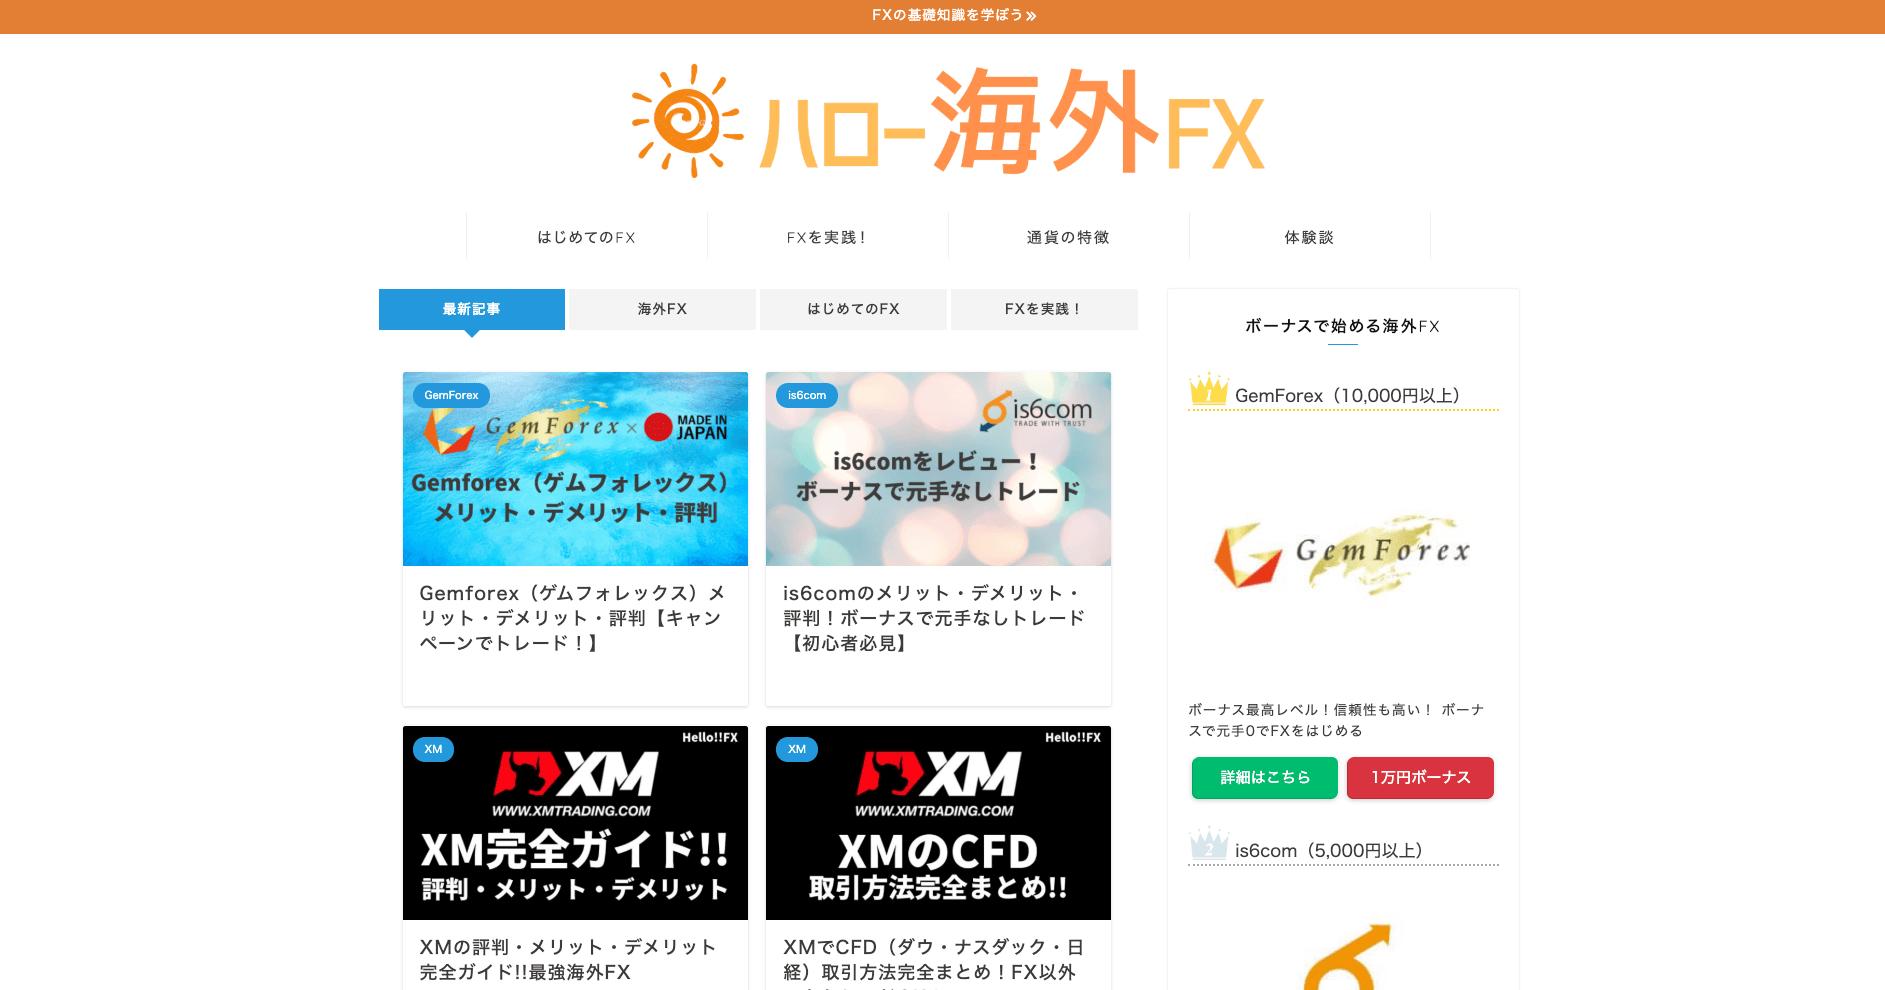 ハロー海外FX